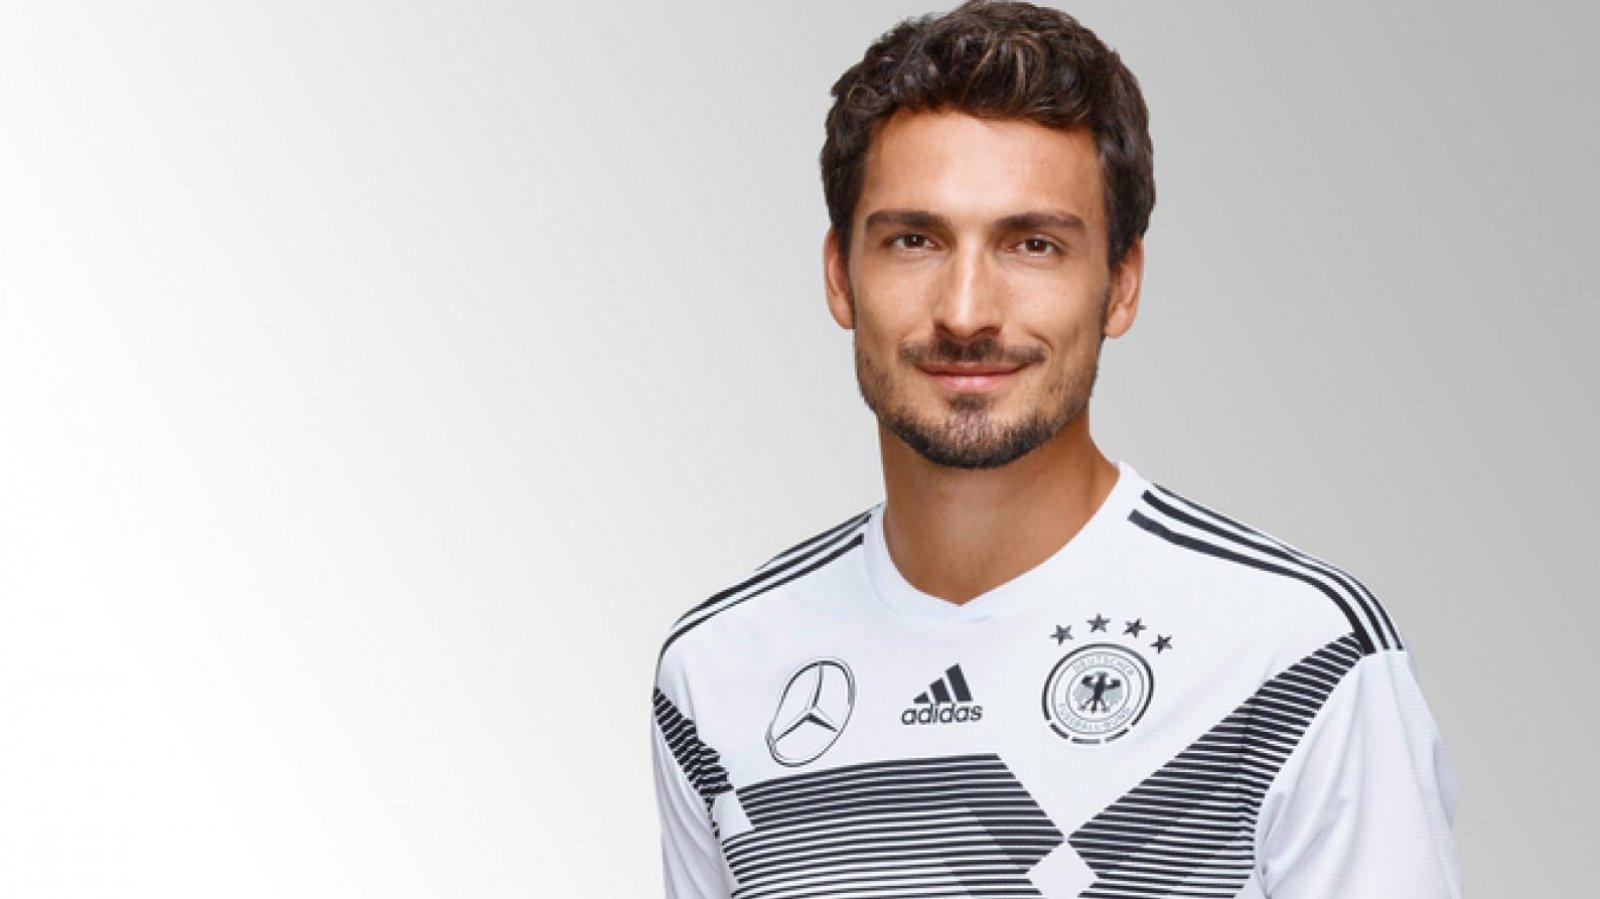 El atractivo del jugador alemán le ha conseguido una legión de fans.